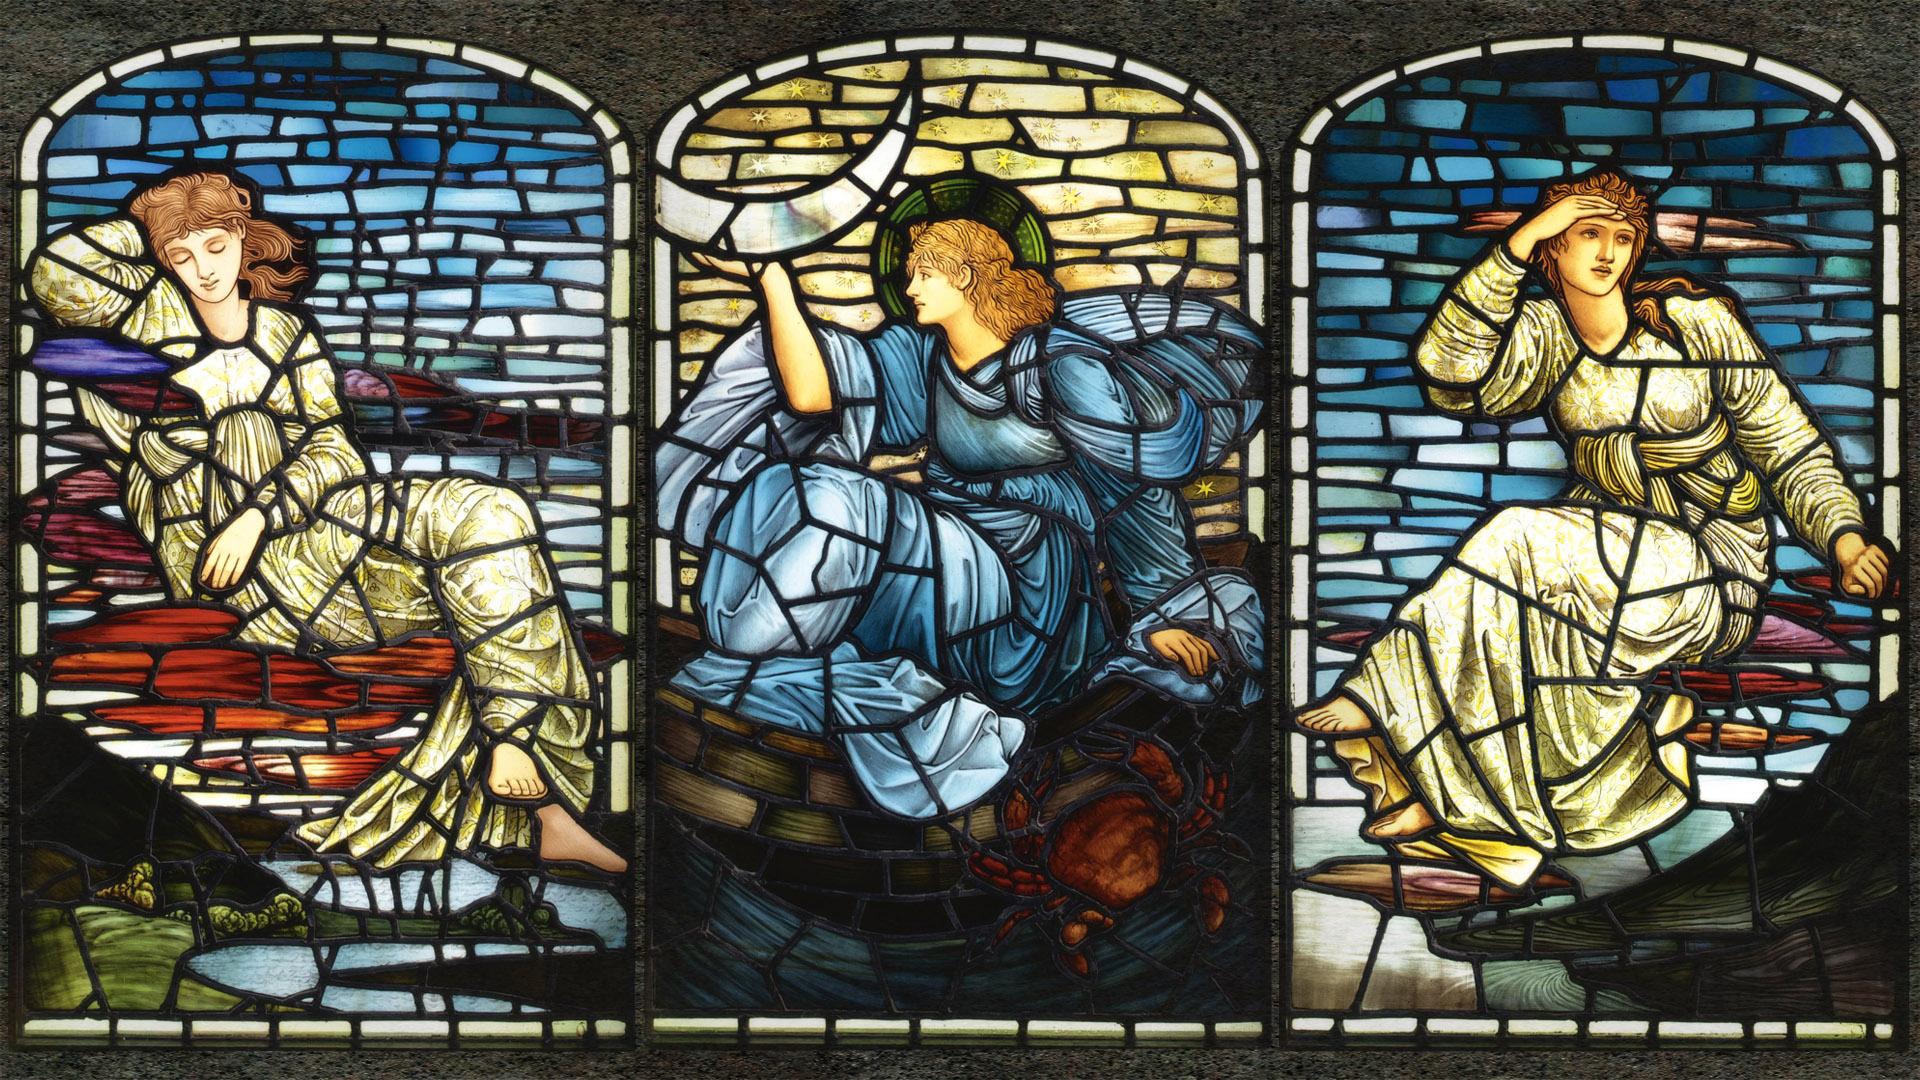 エドワード・バーン=ジョーンズ Edward Burne Jones - Stars 1920x1080